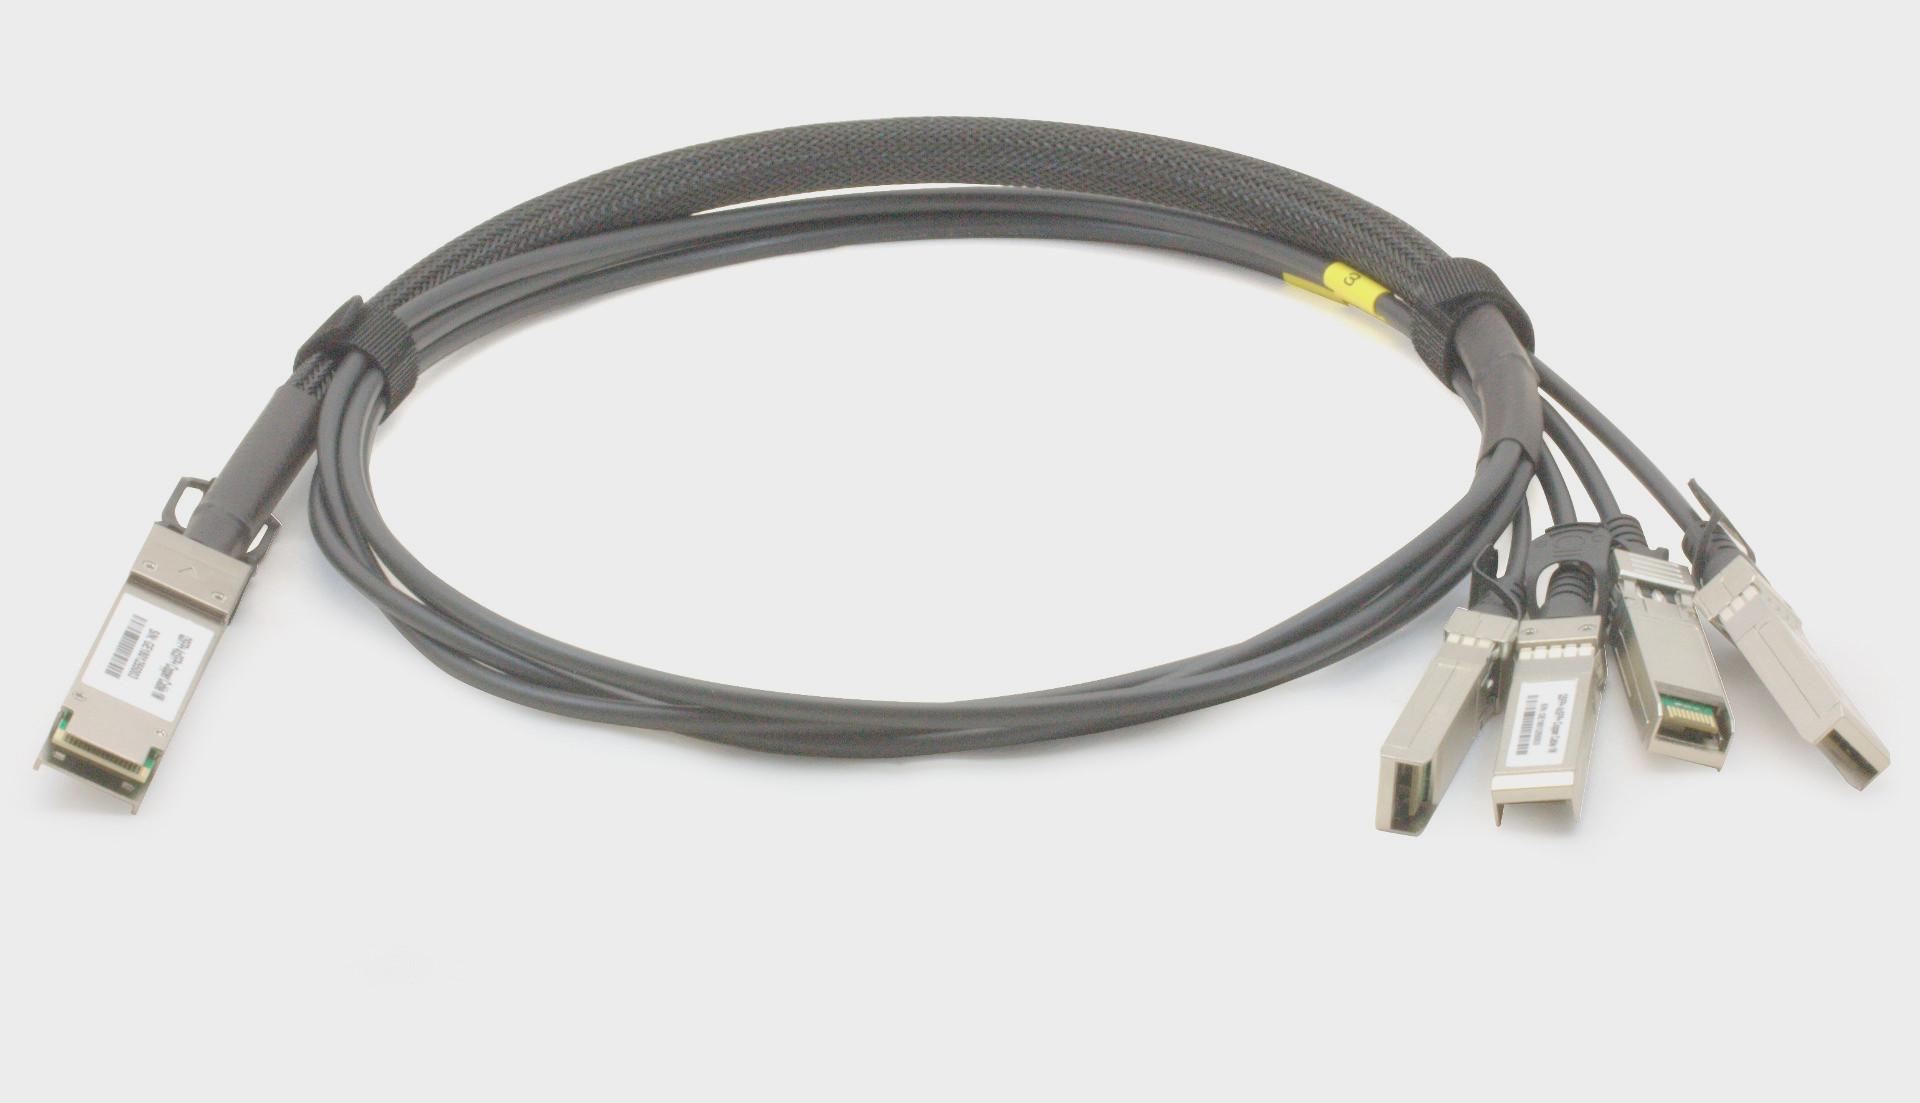 QSFP28-4X25G